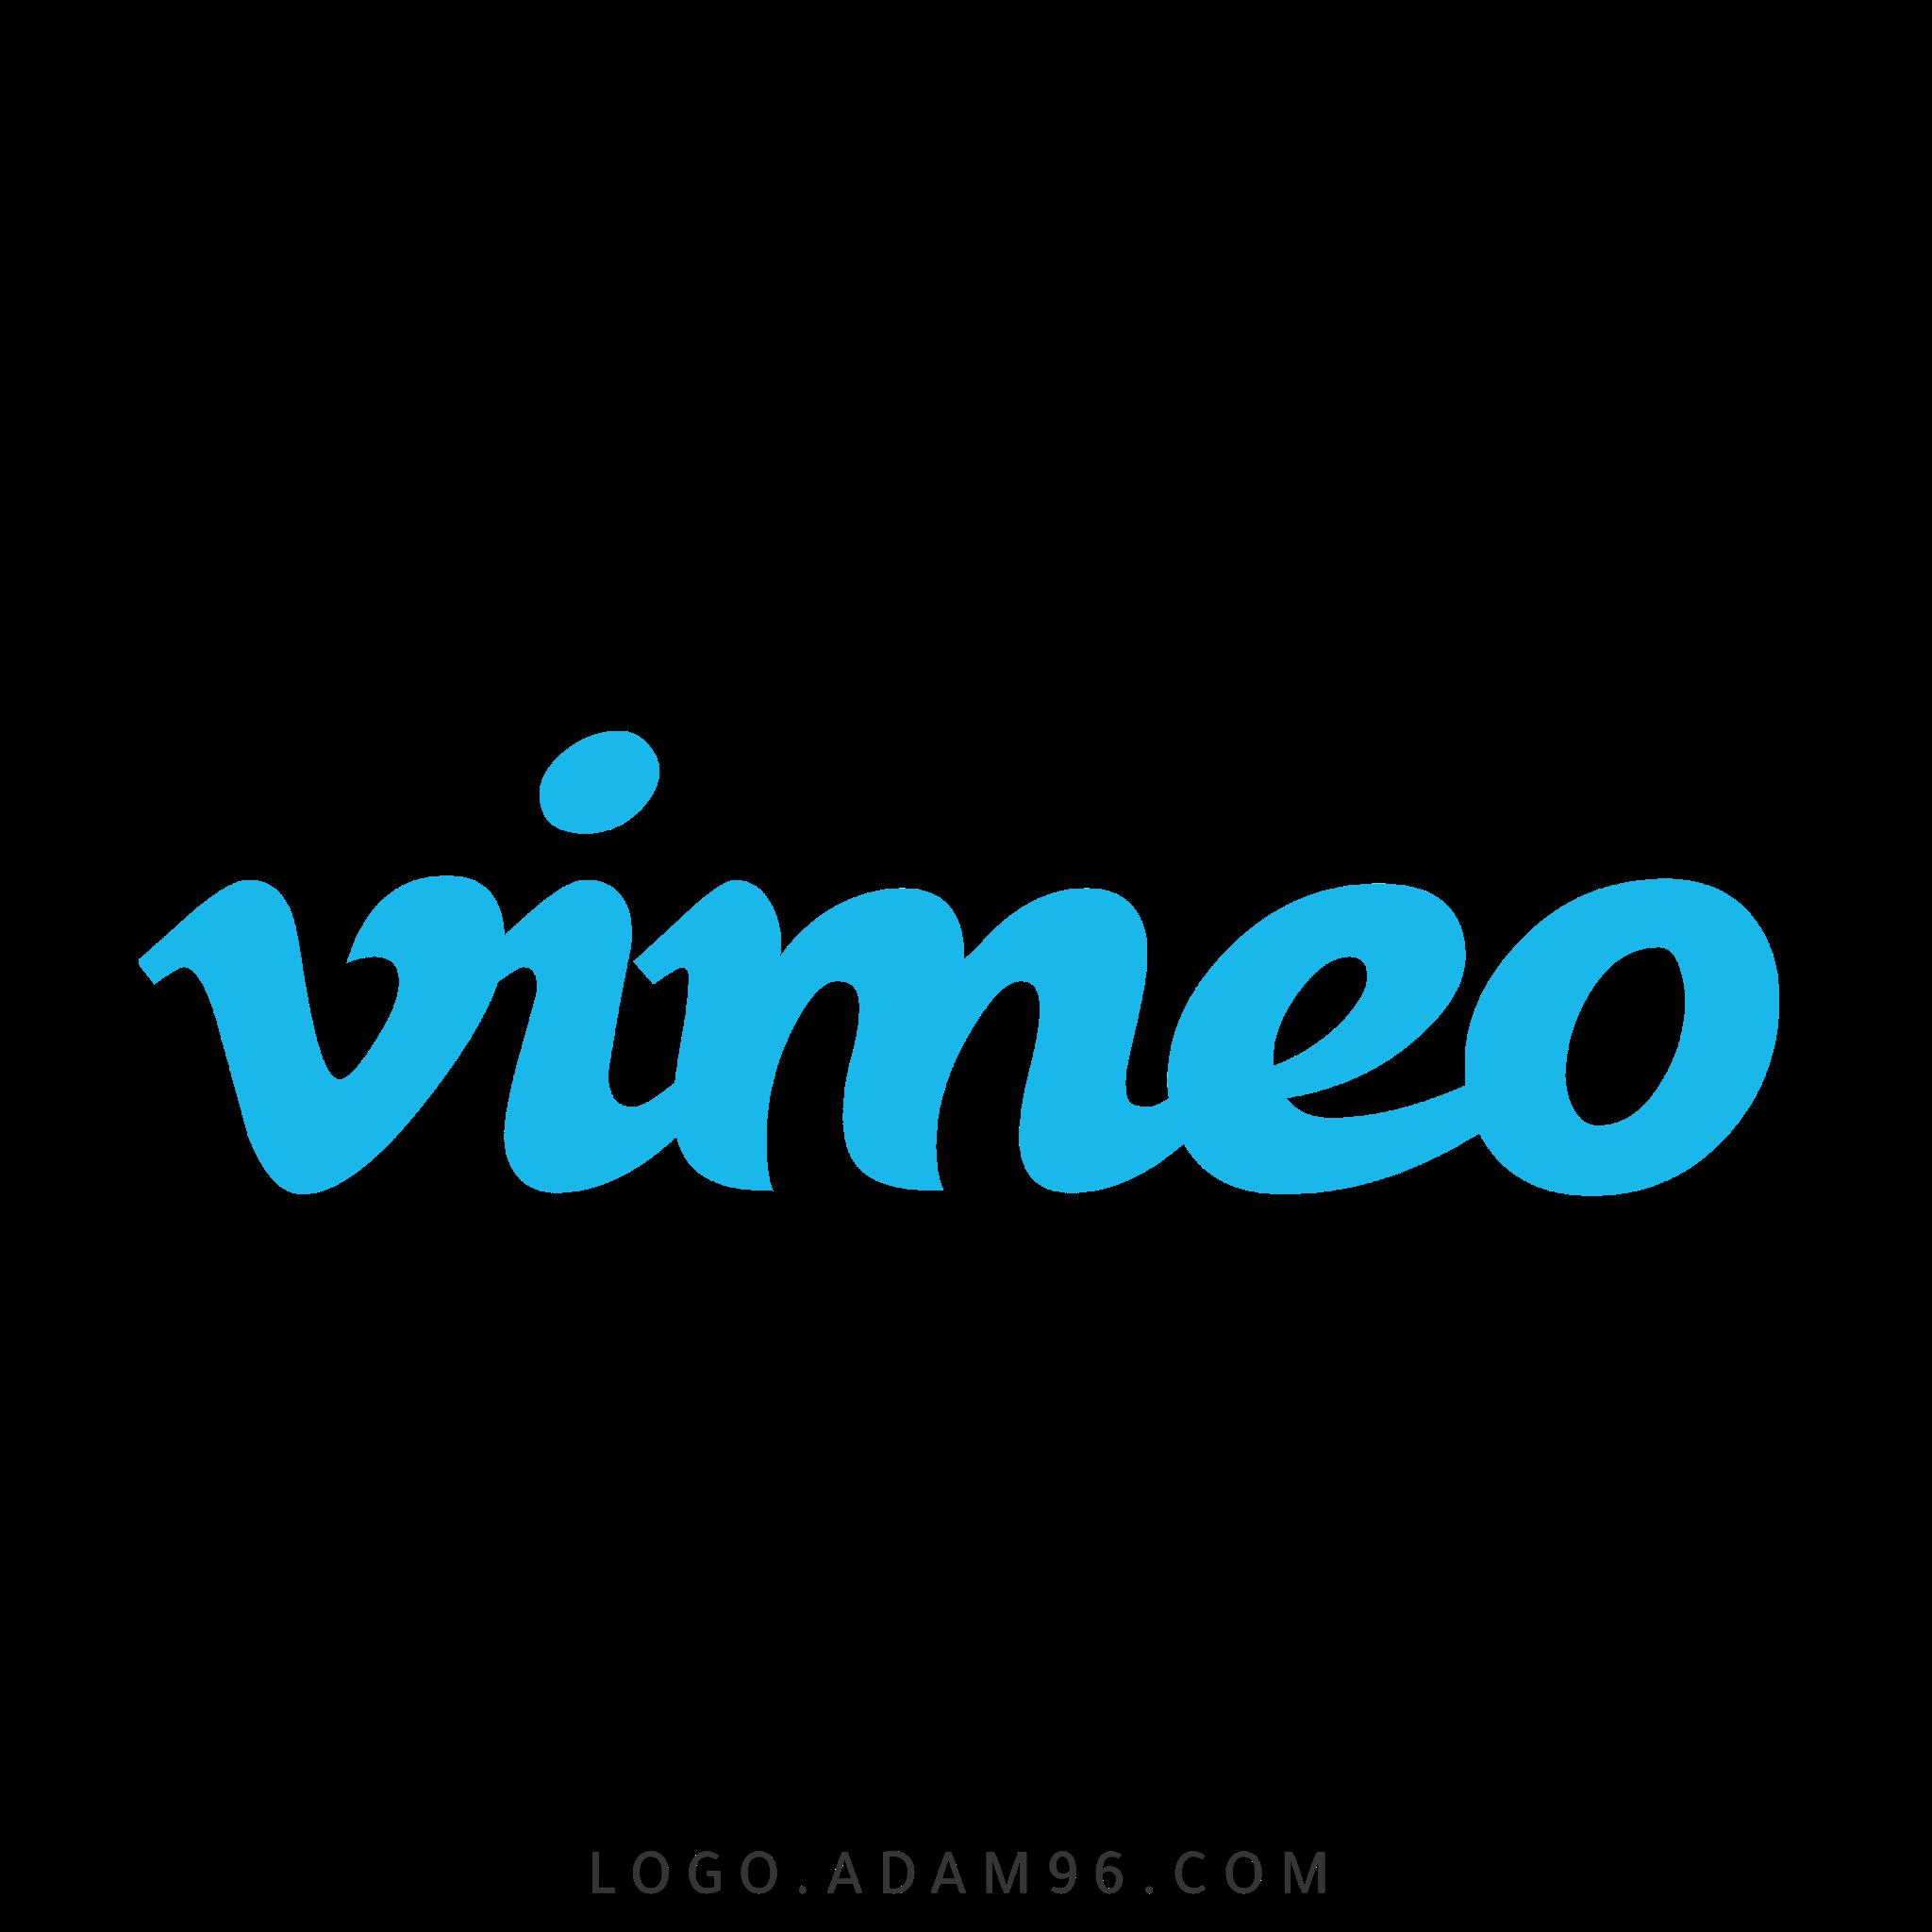 تحميل شعار موقع فيميو لوجو رسمي عالي الجودة Logo Vimeo PNG